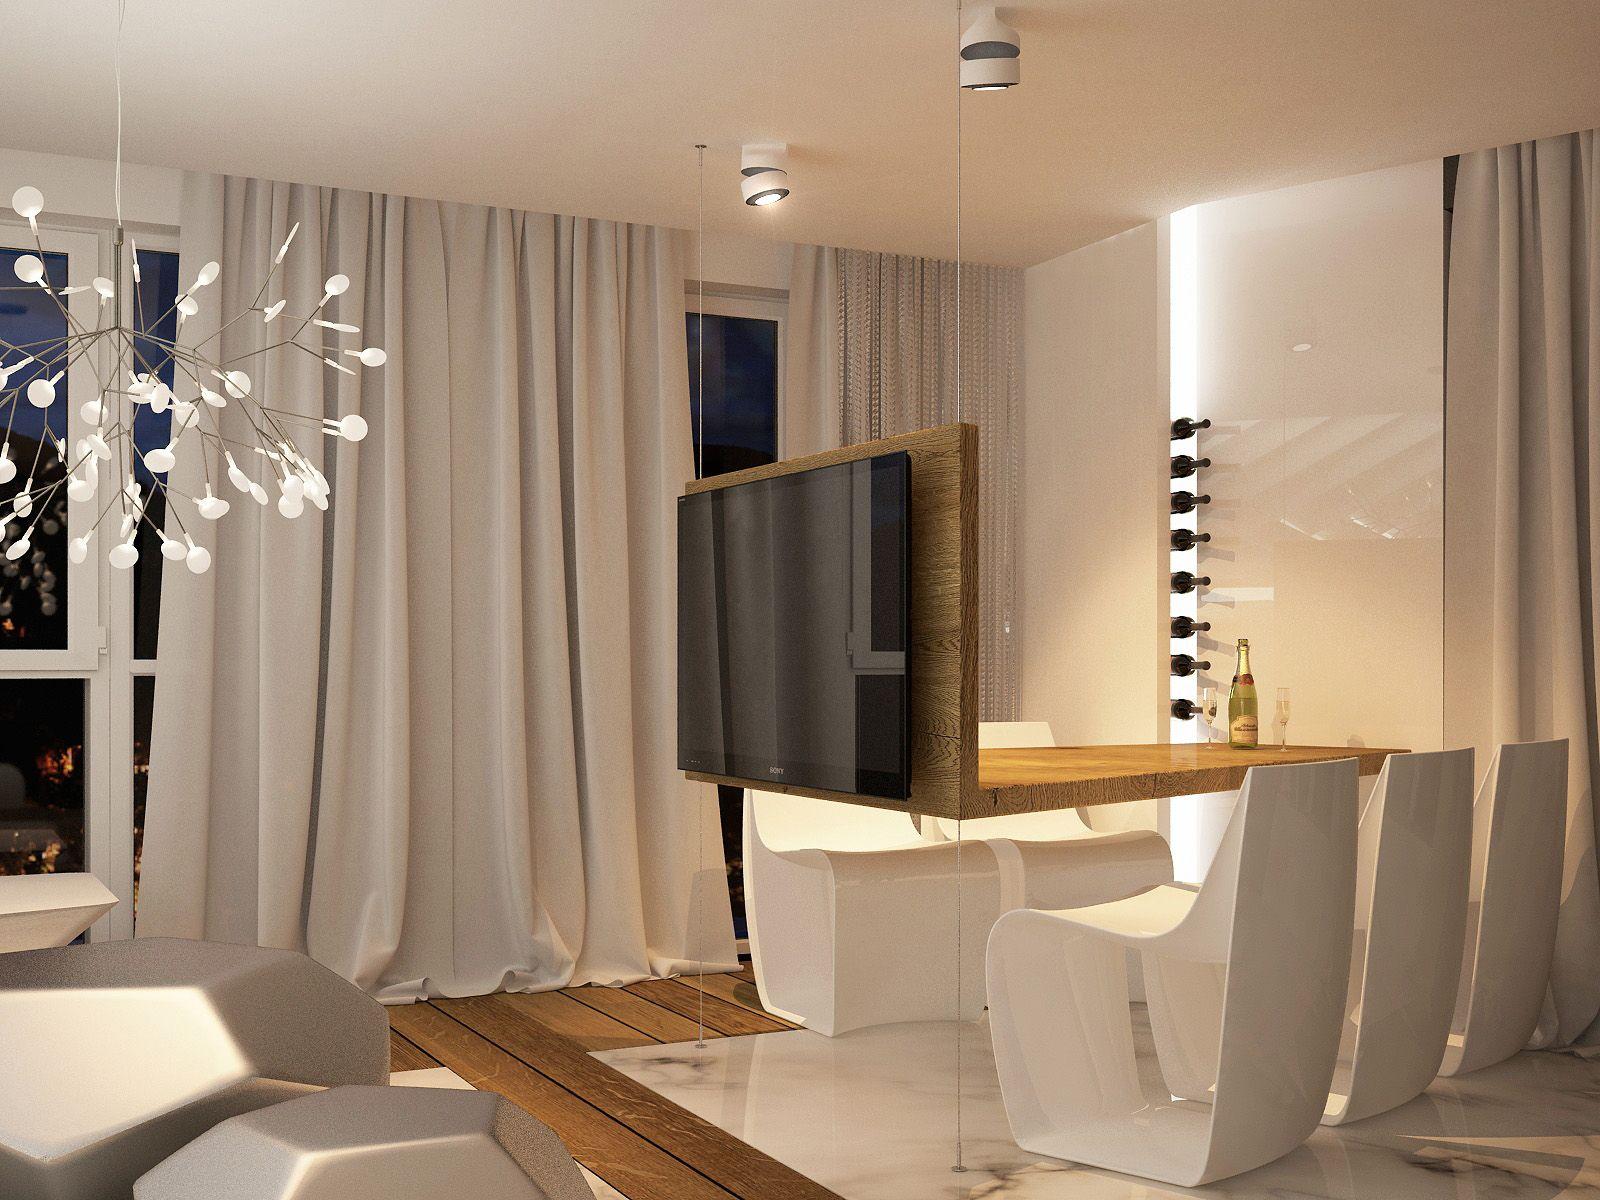 Kreative Wohnung Designs Ideen mit süßen und süßen Dekor | Wohnung ...